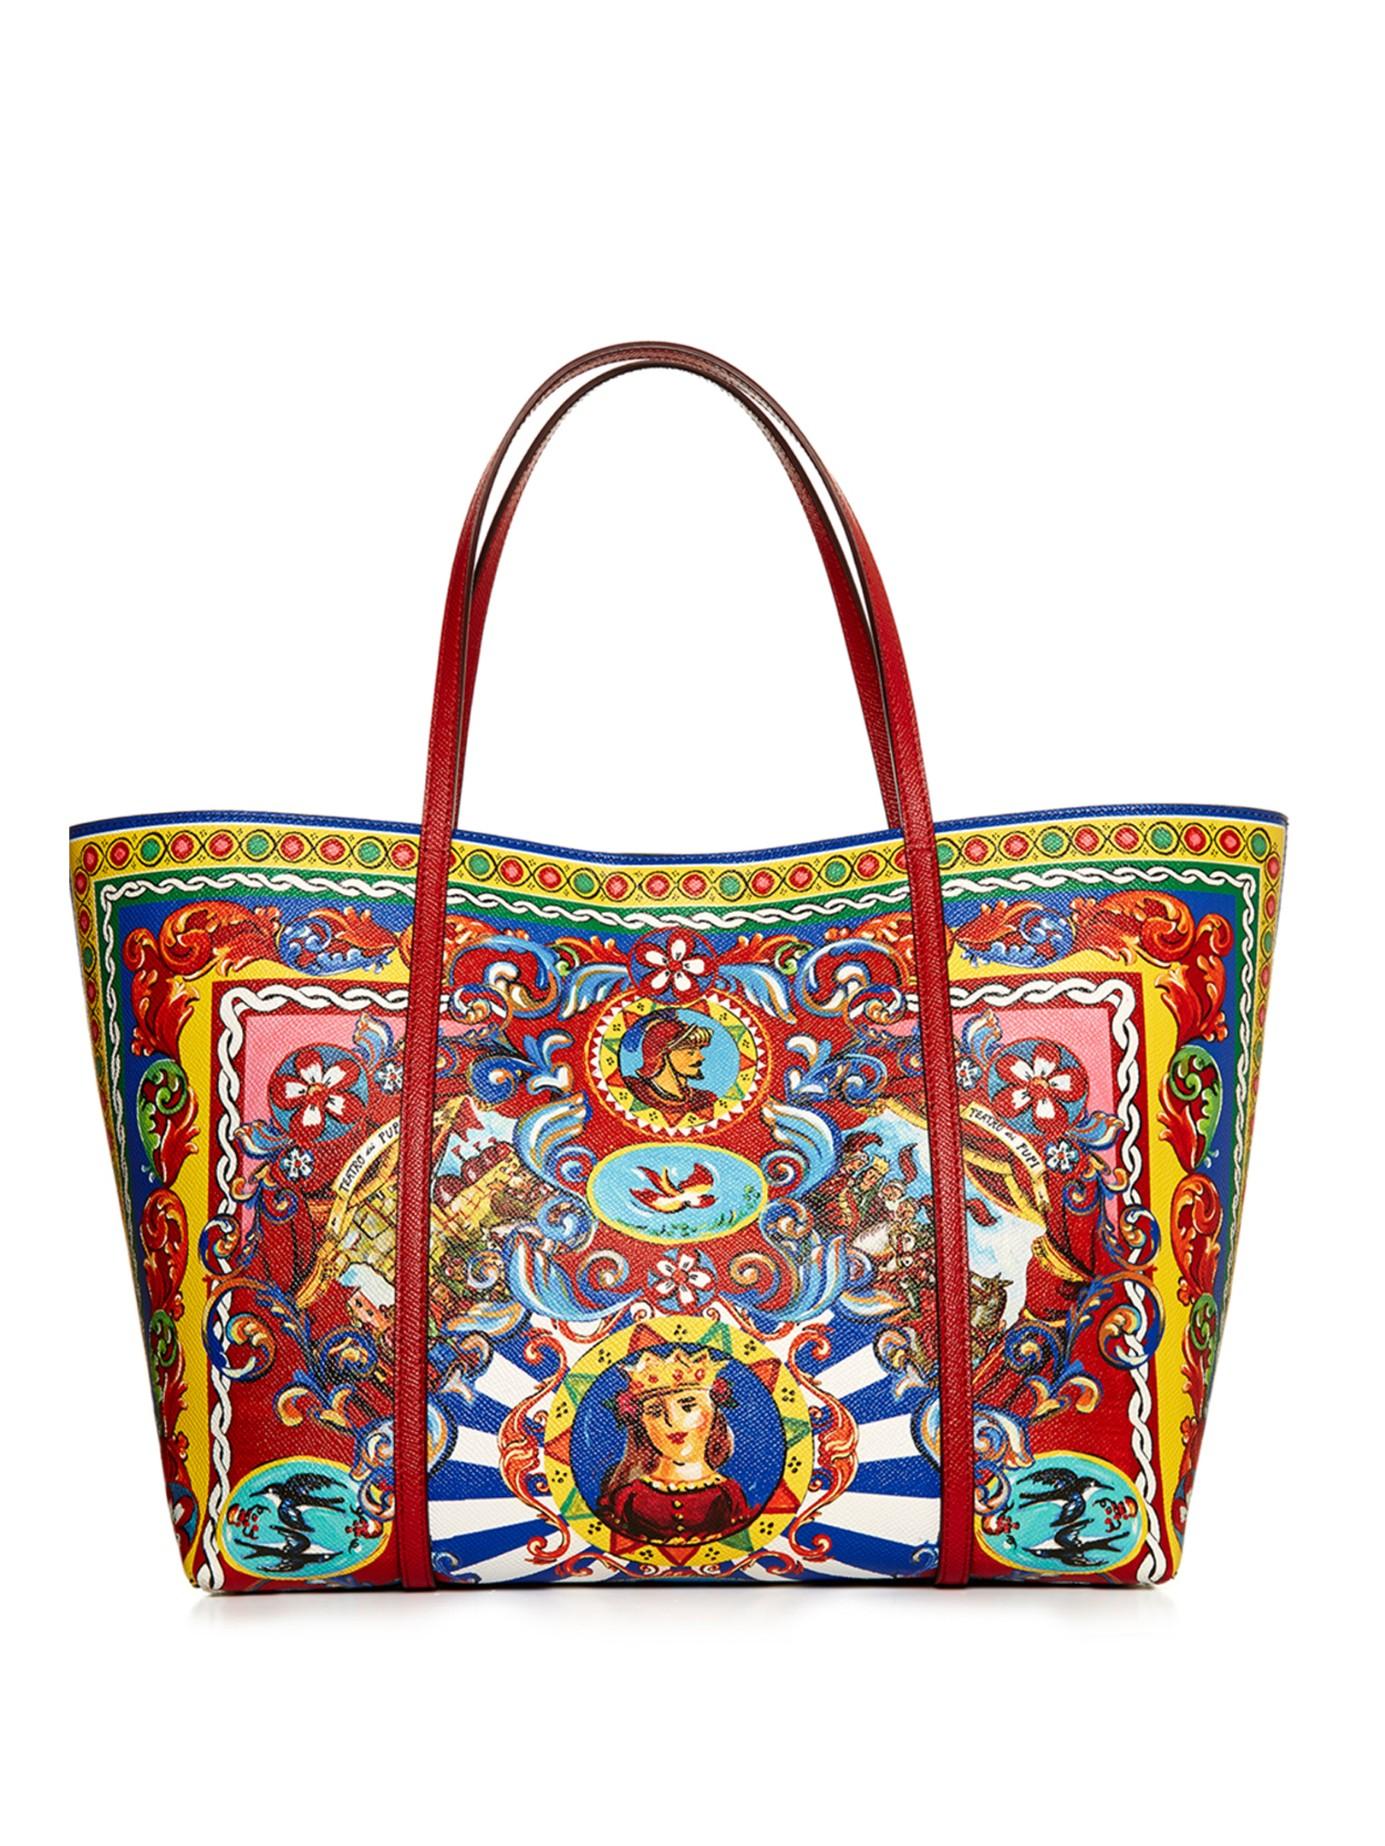 6ce75acc1273 Dolce   Gabbana Escape Carretto-print Tote in Red - Lyst